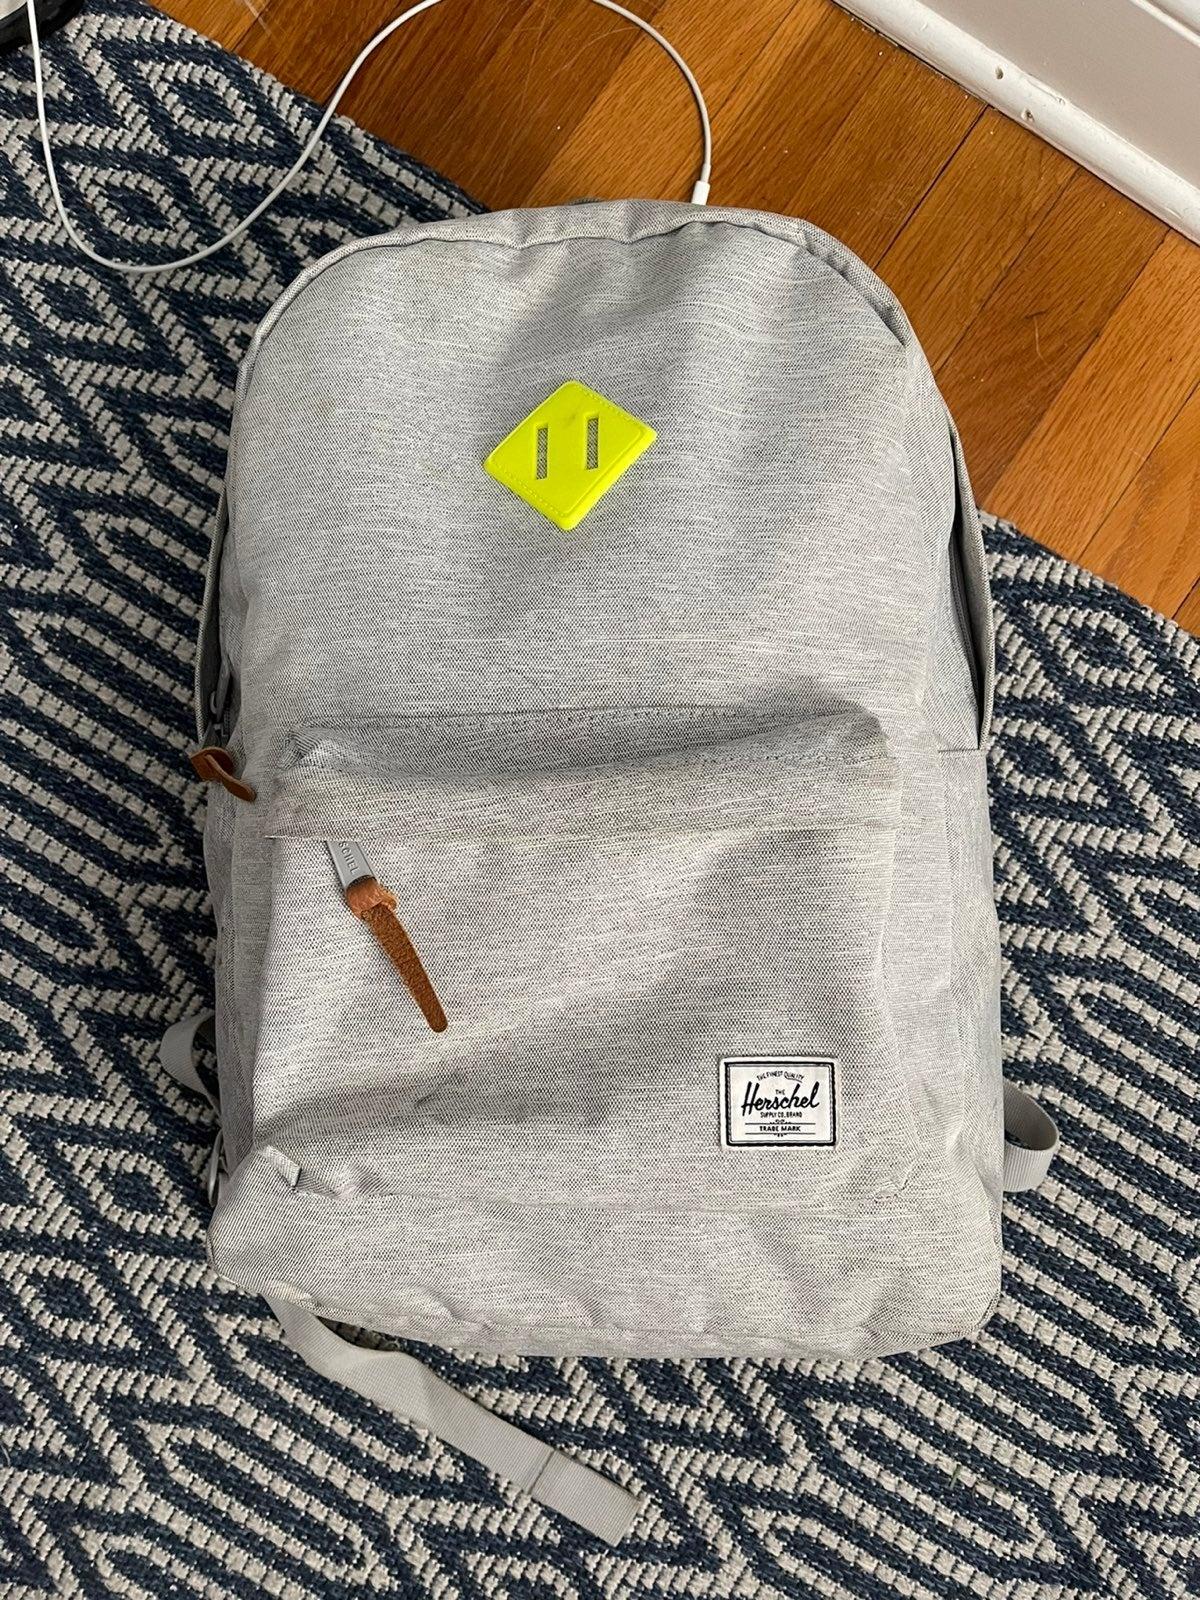 Men's Herschel Backpack